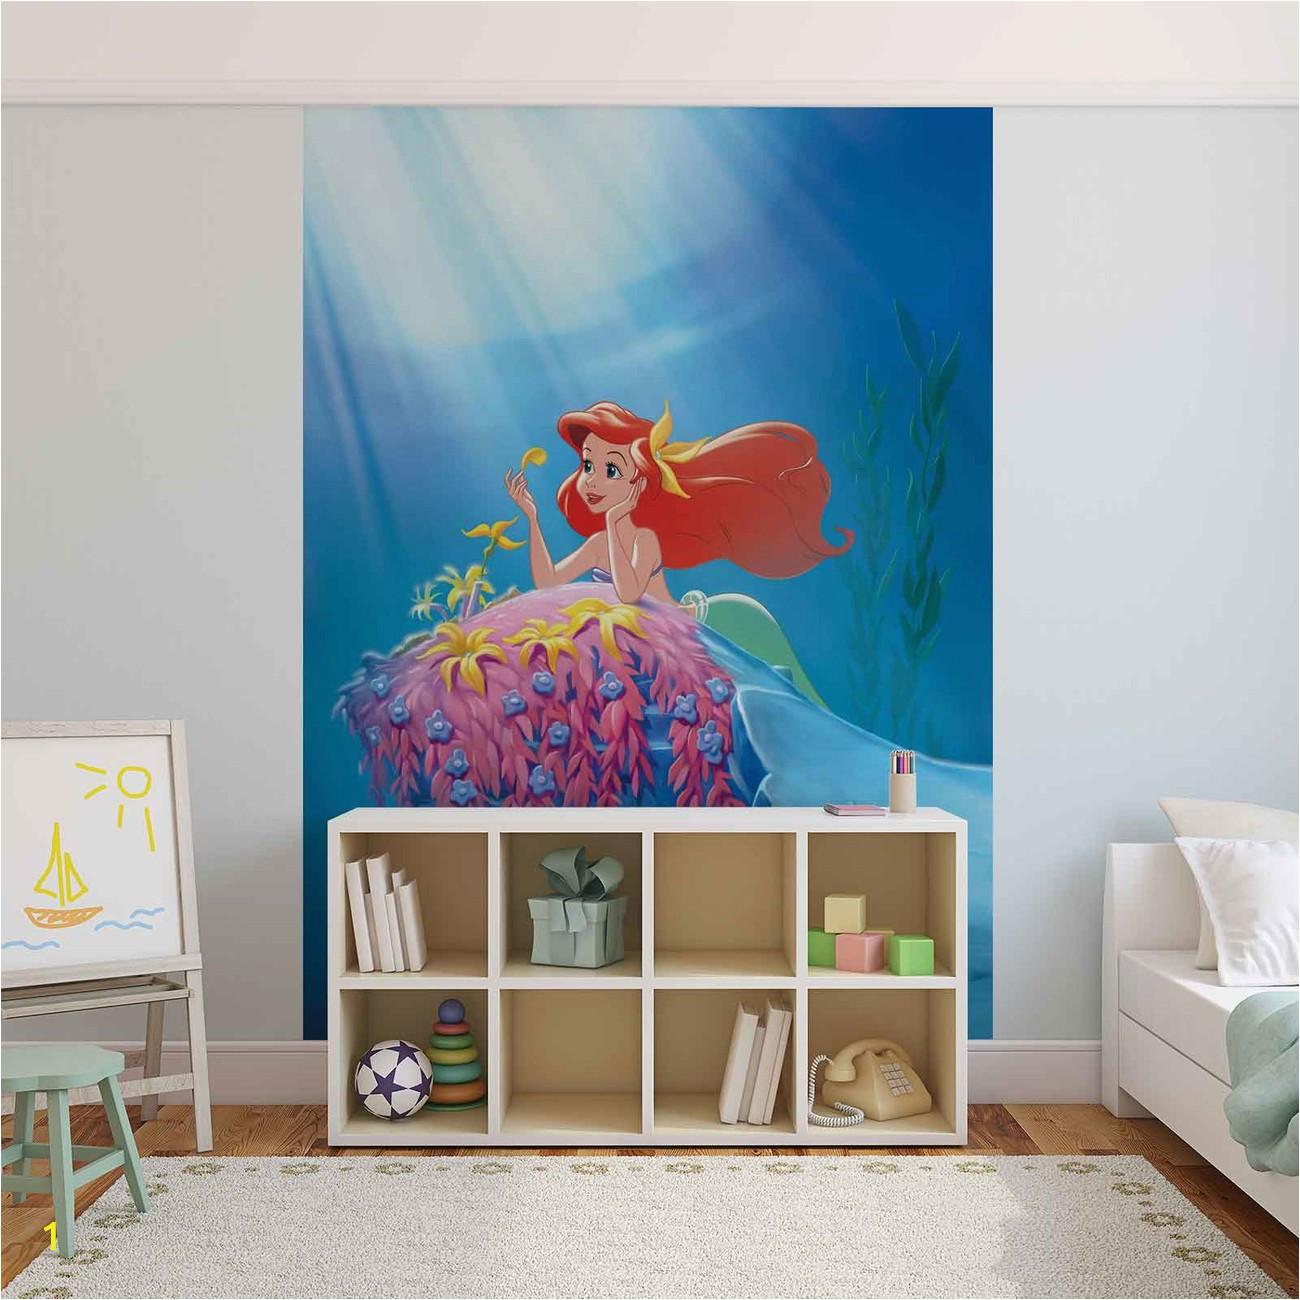 Disney Little Mermaid Wall Mural Fototapeta Disney Malá Mořská Vla Ariel